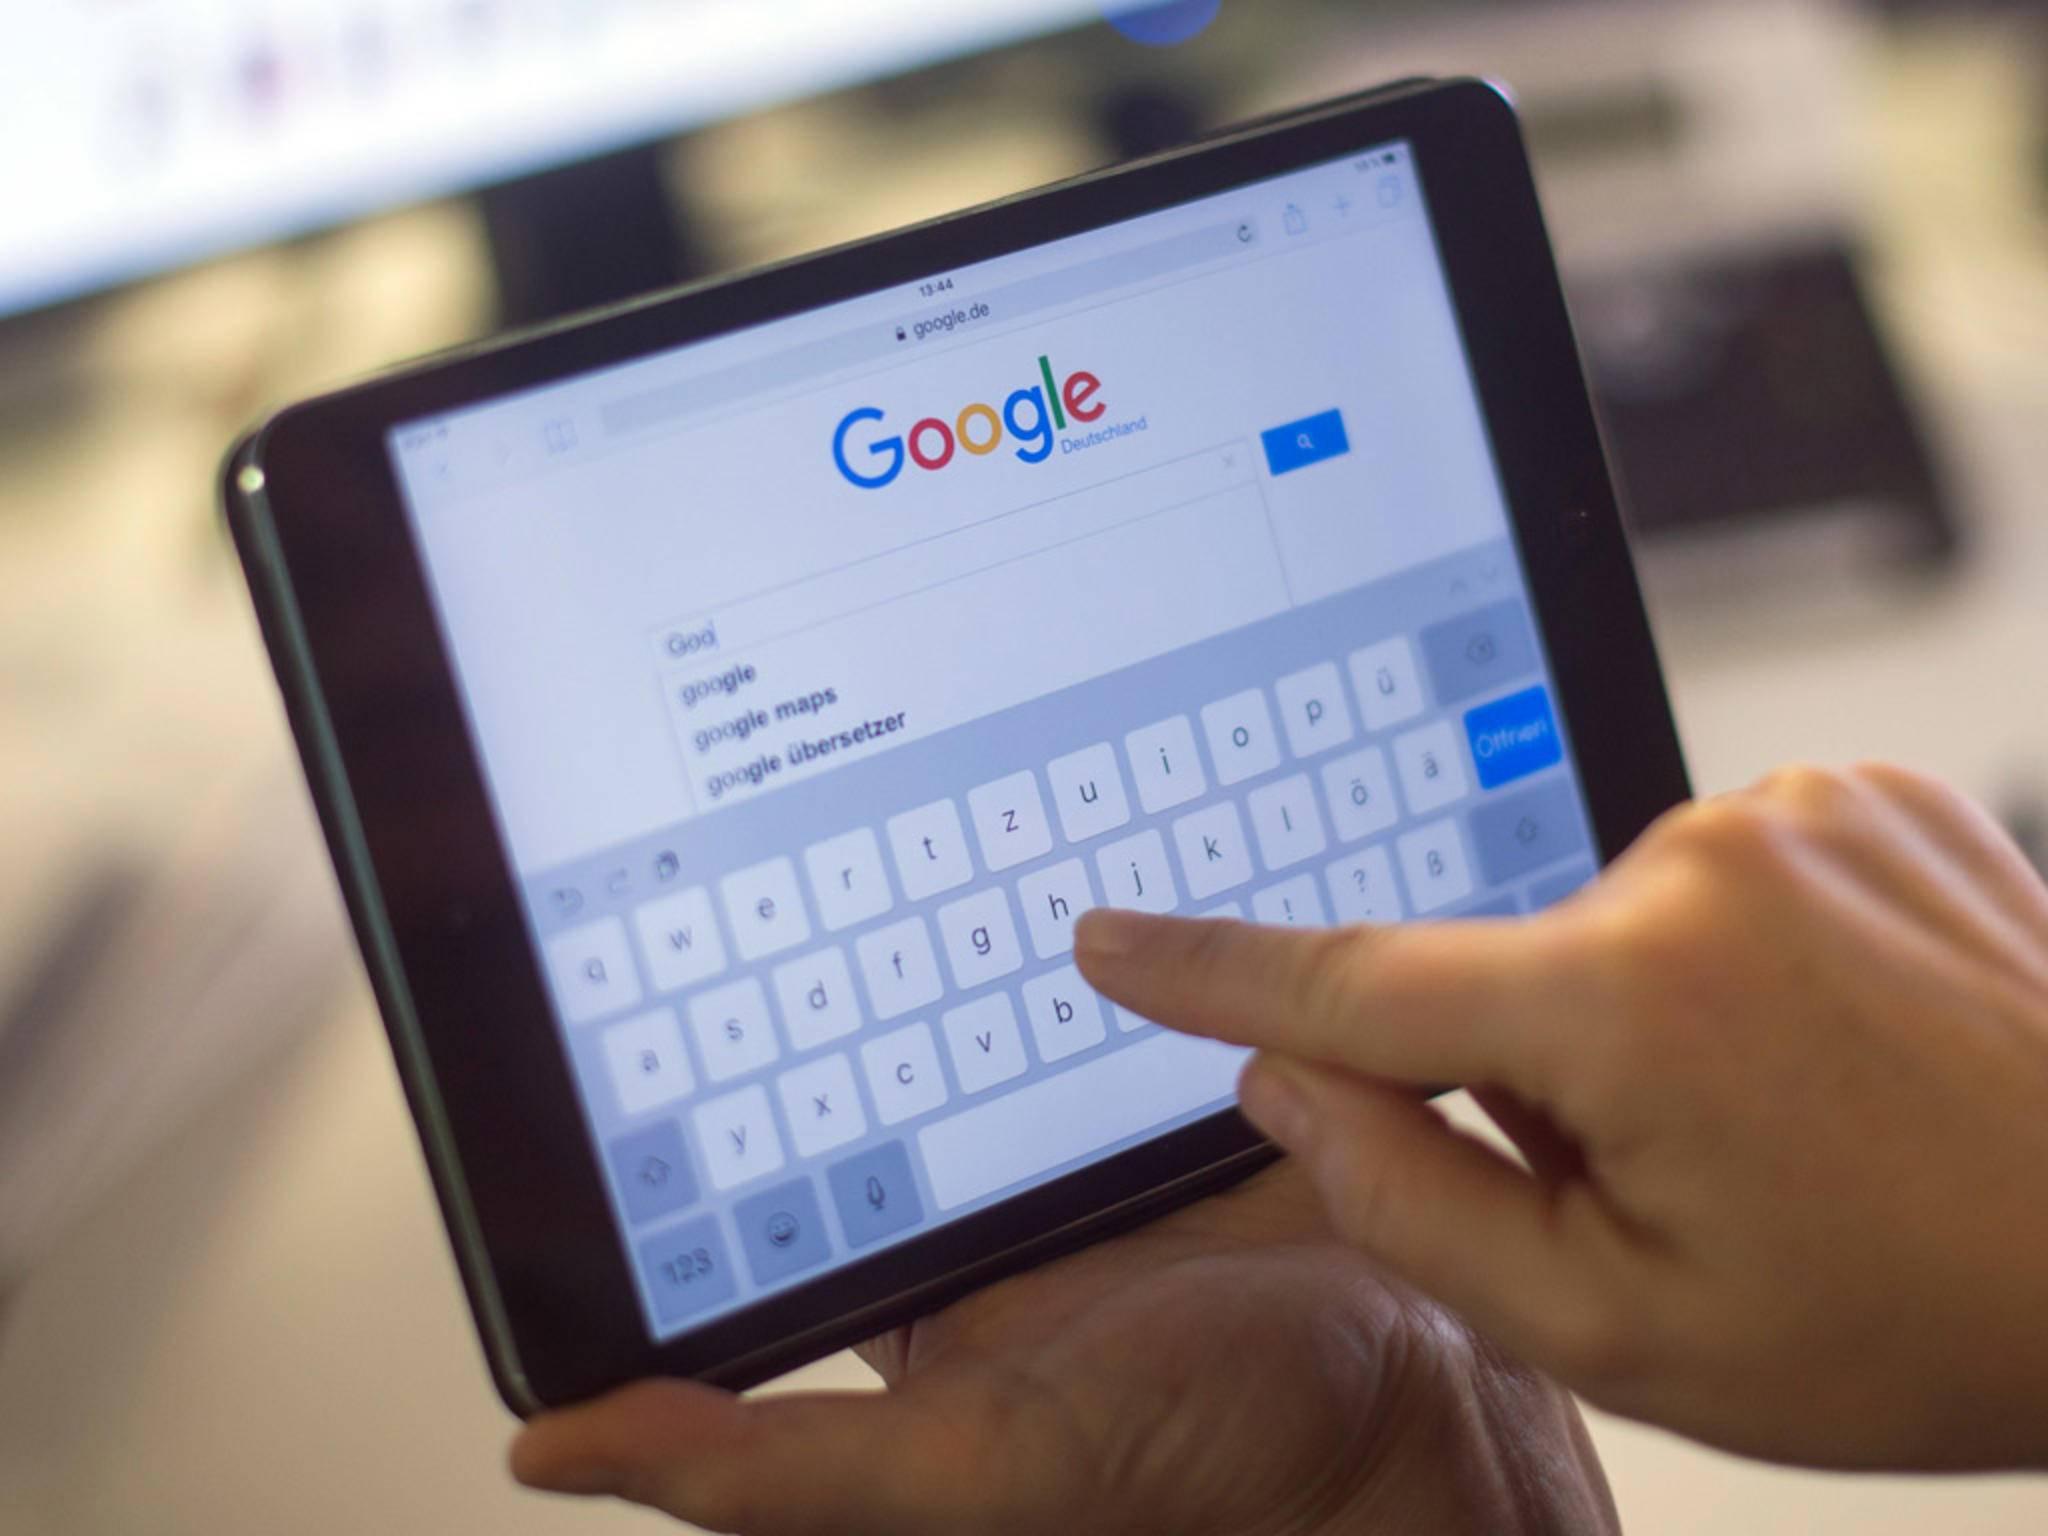 Für den Rang als Standard-Suchmaschine muss Google ordentlich zahlen.